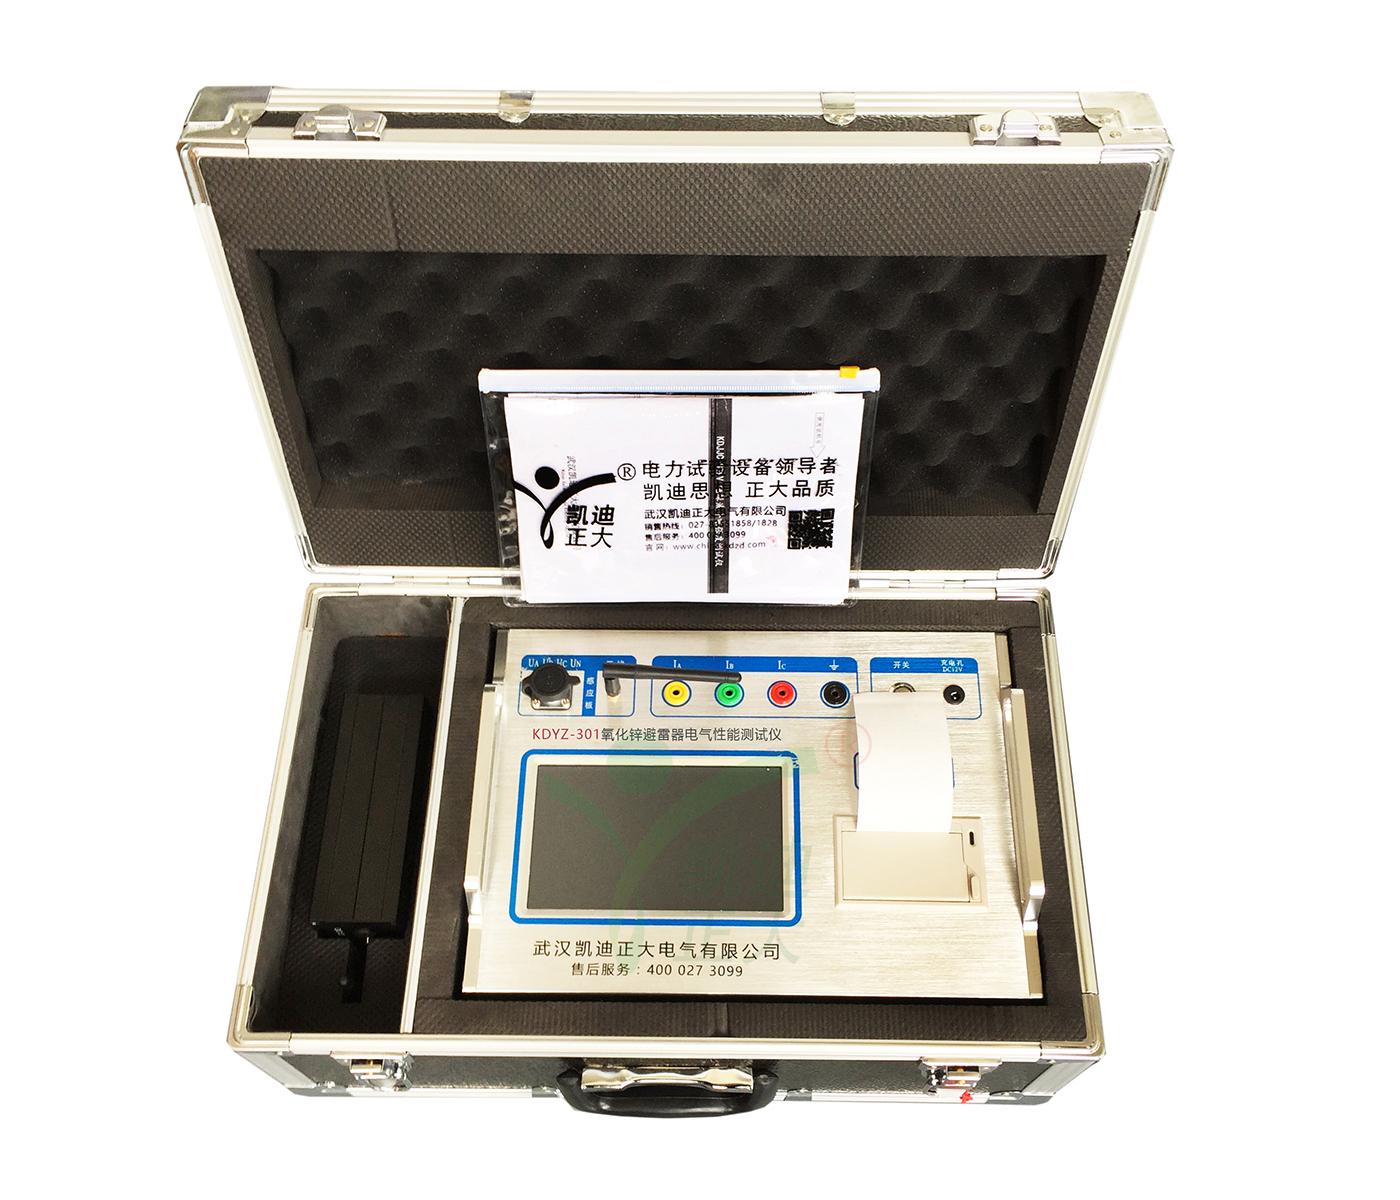 KDYZ-301氧化锌避雷器带电电气特性测试仪